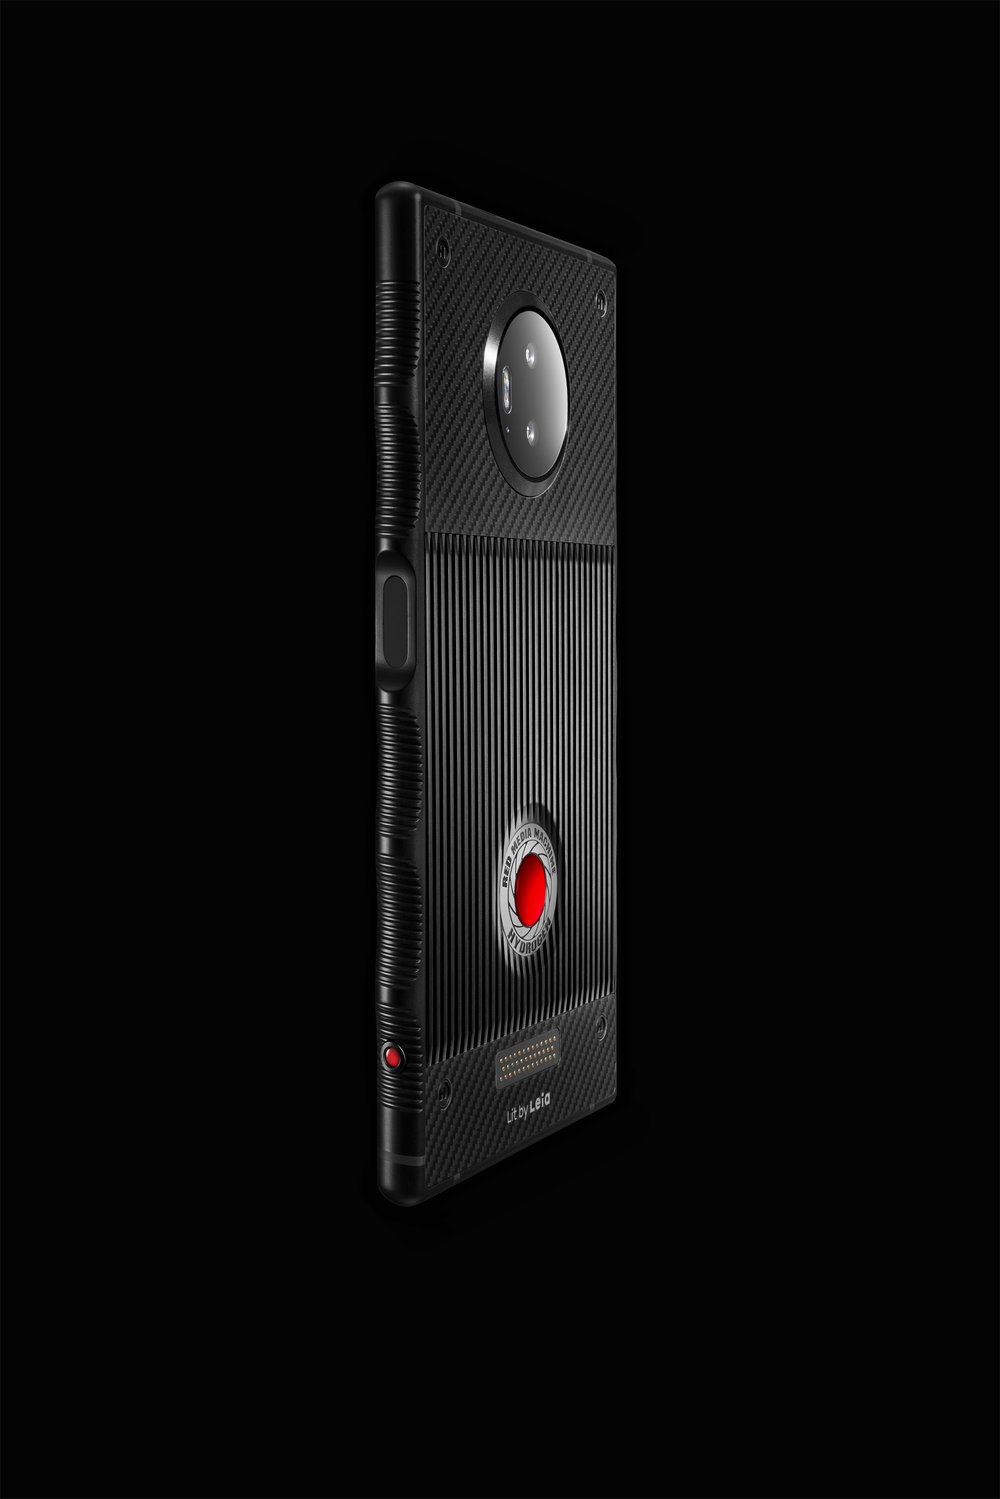 OOB-Black-Vertical-3-4-back_PS_r.jpg